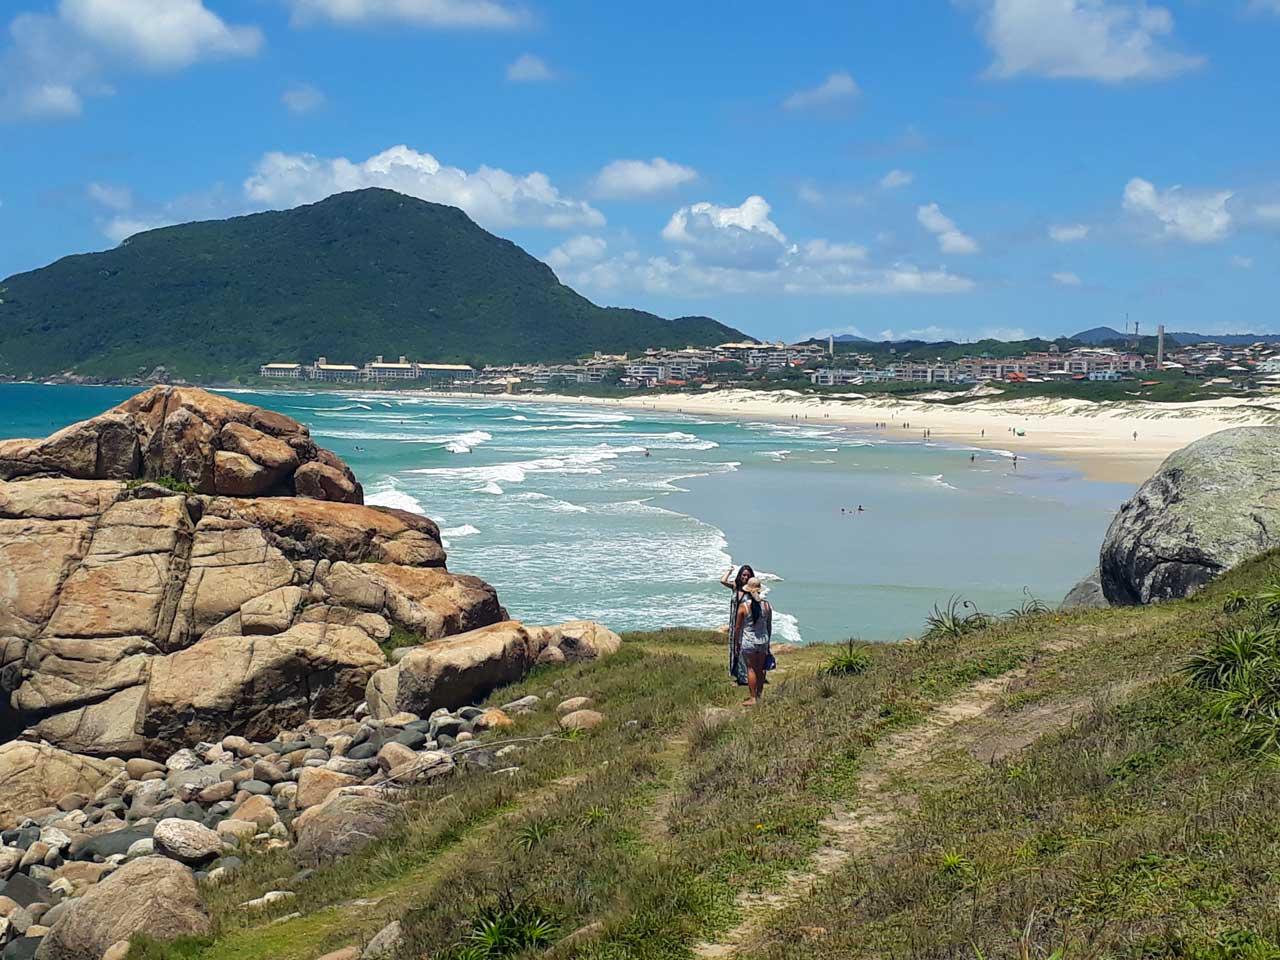 trilha-praiadosantinho